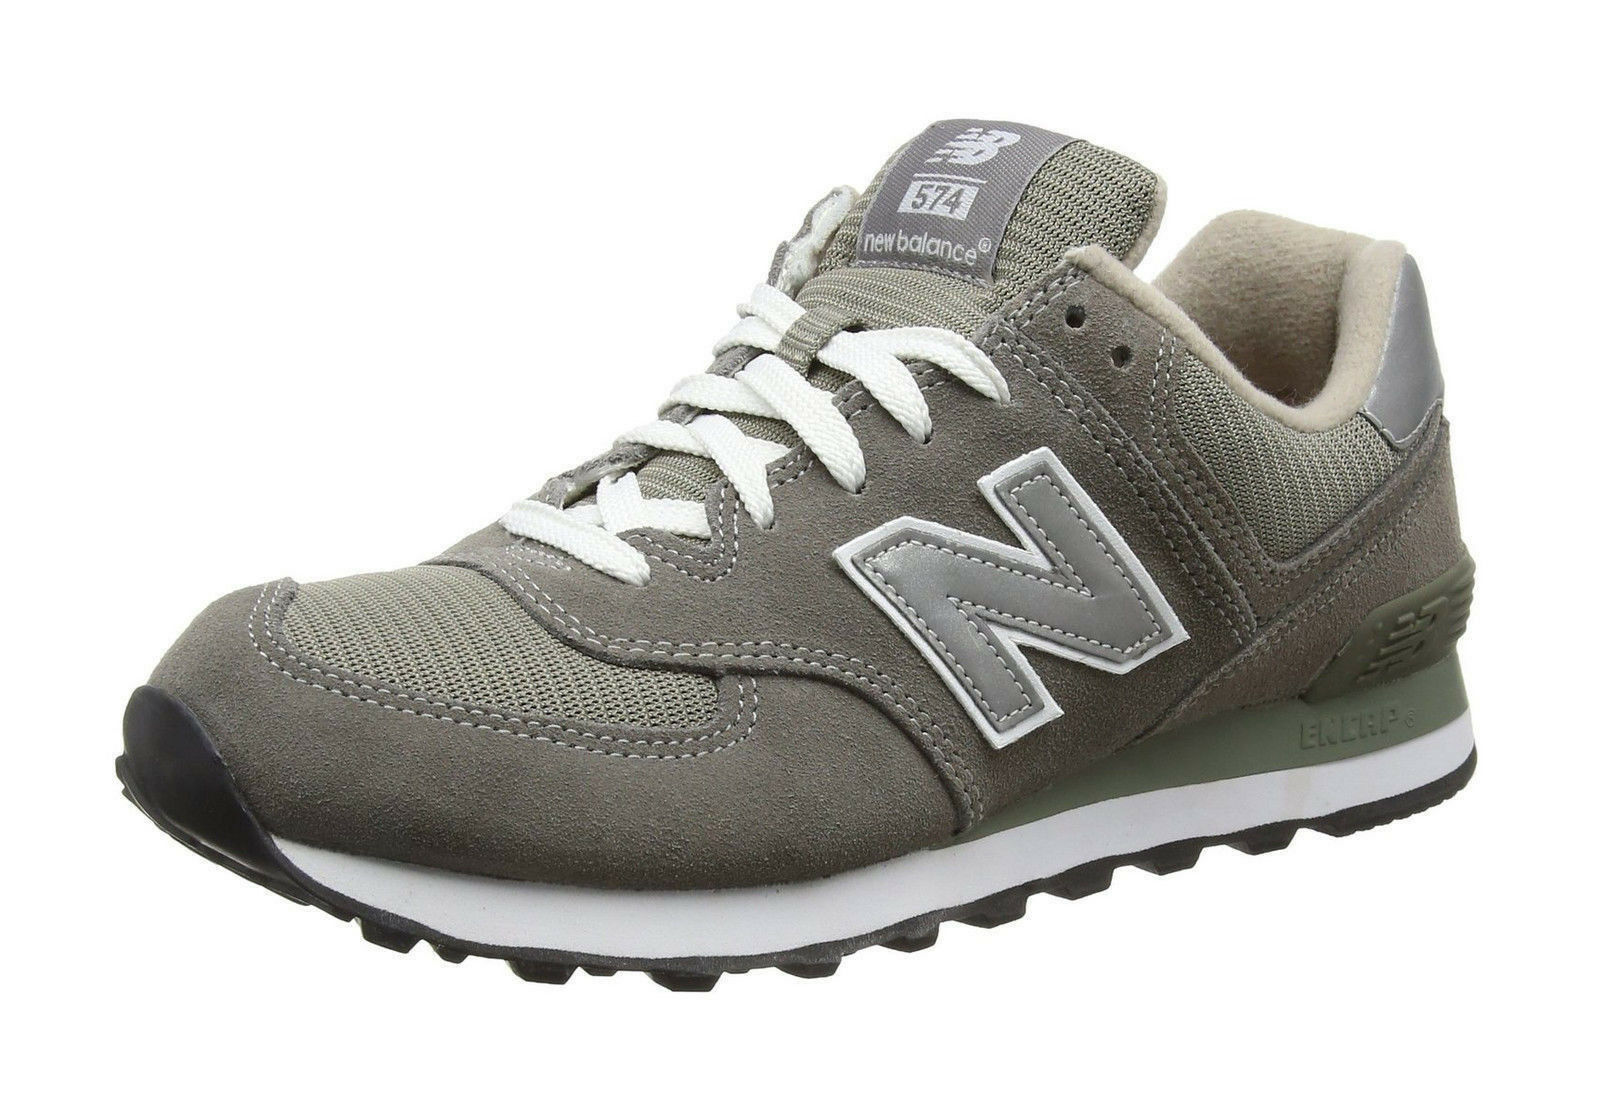 New Balance 574 Men's Running Shoe M574GS - Gray/White